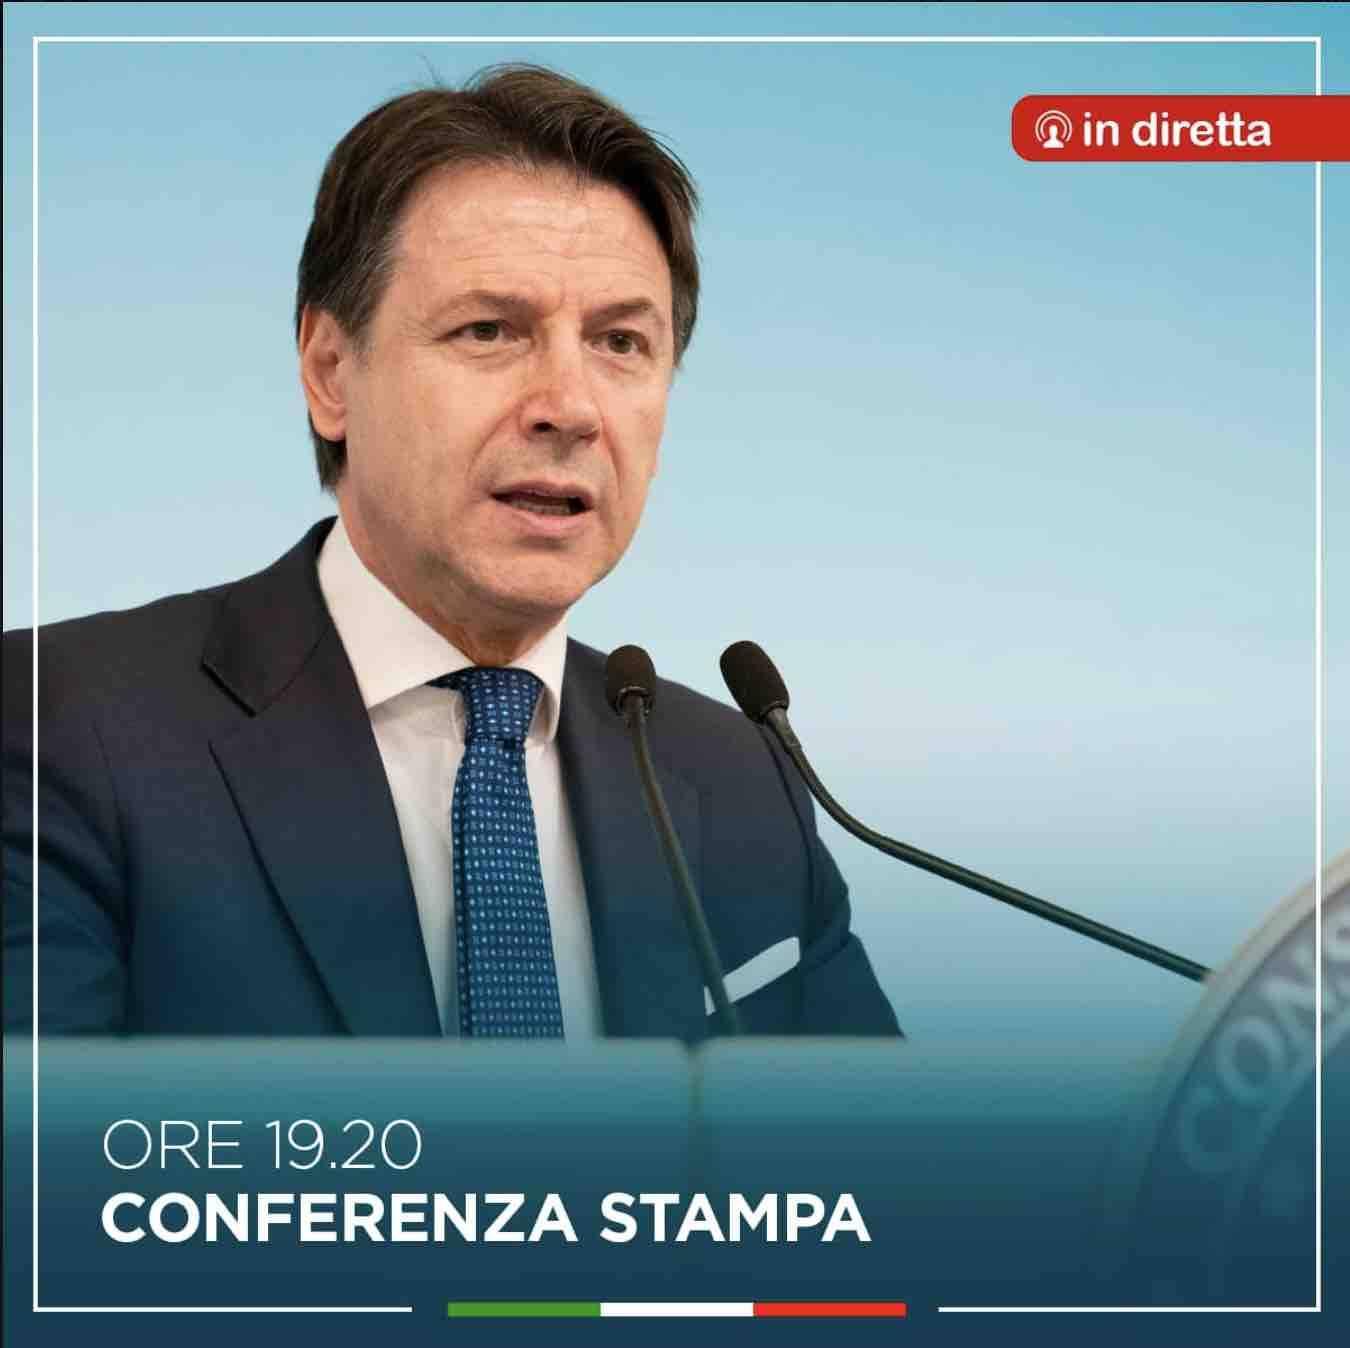 Giuseppe Conte diretta